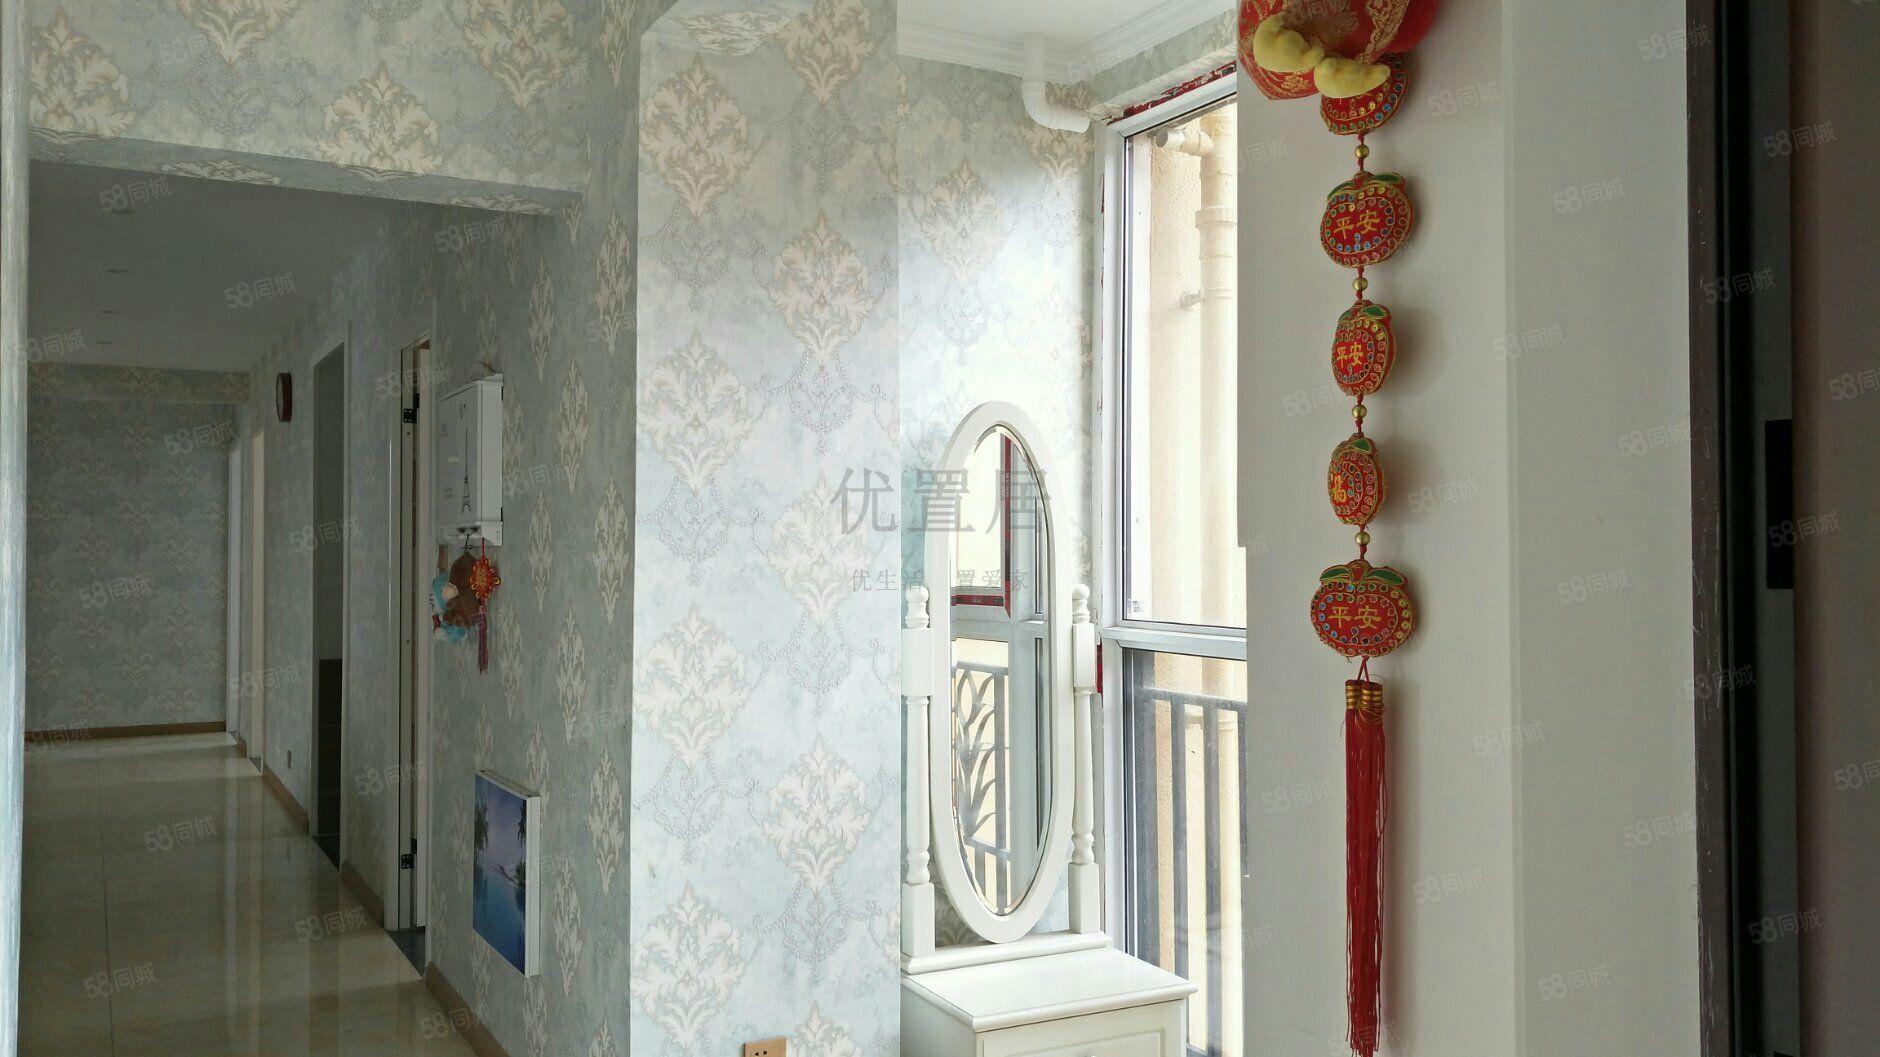 中航尚街三室两厅精装拎包入住南北通透看房方便